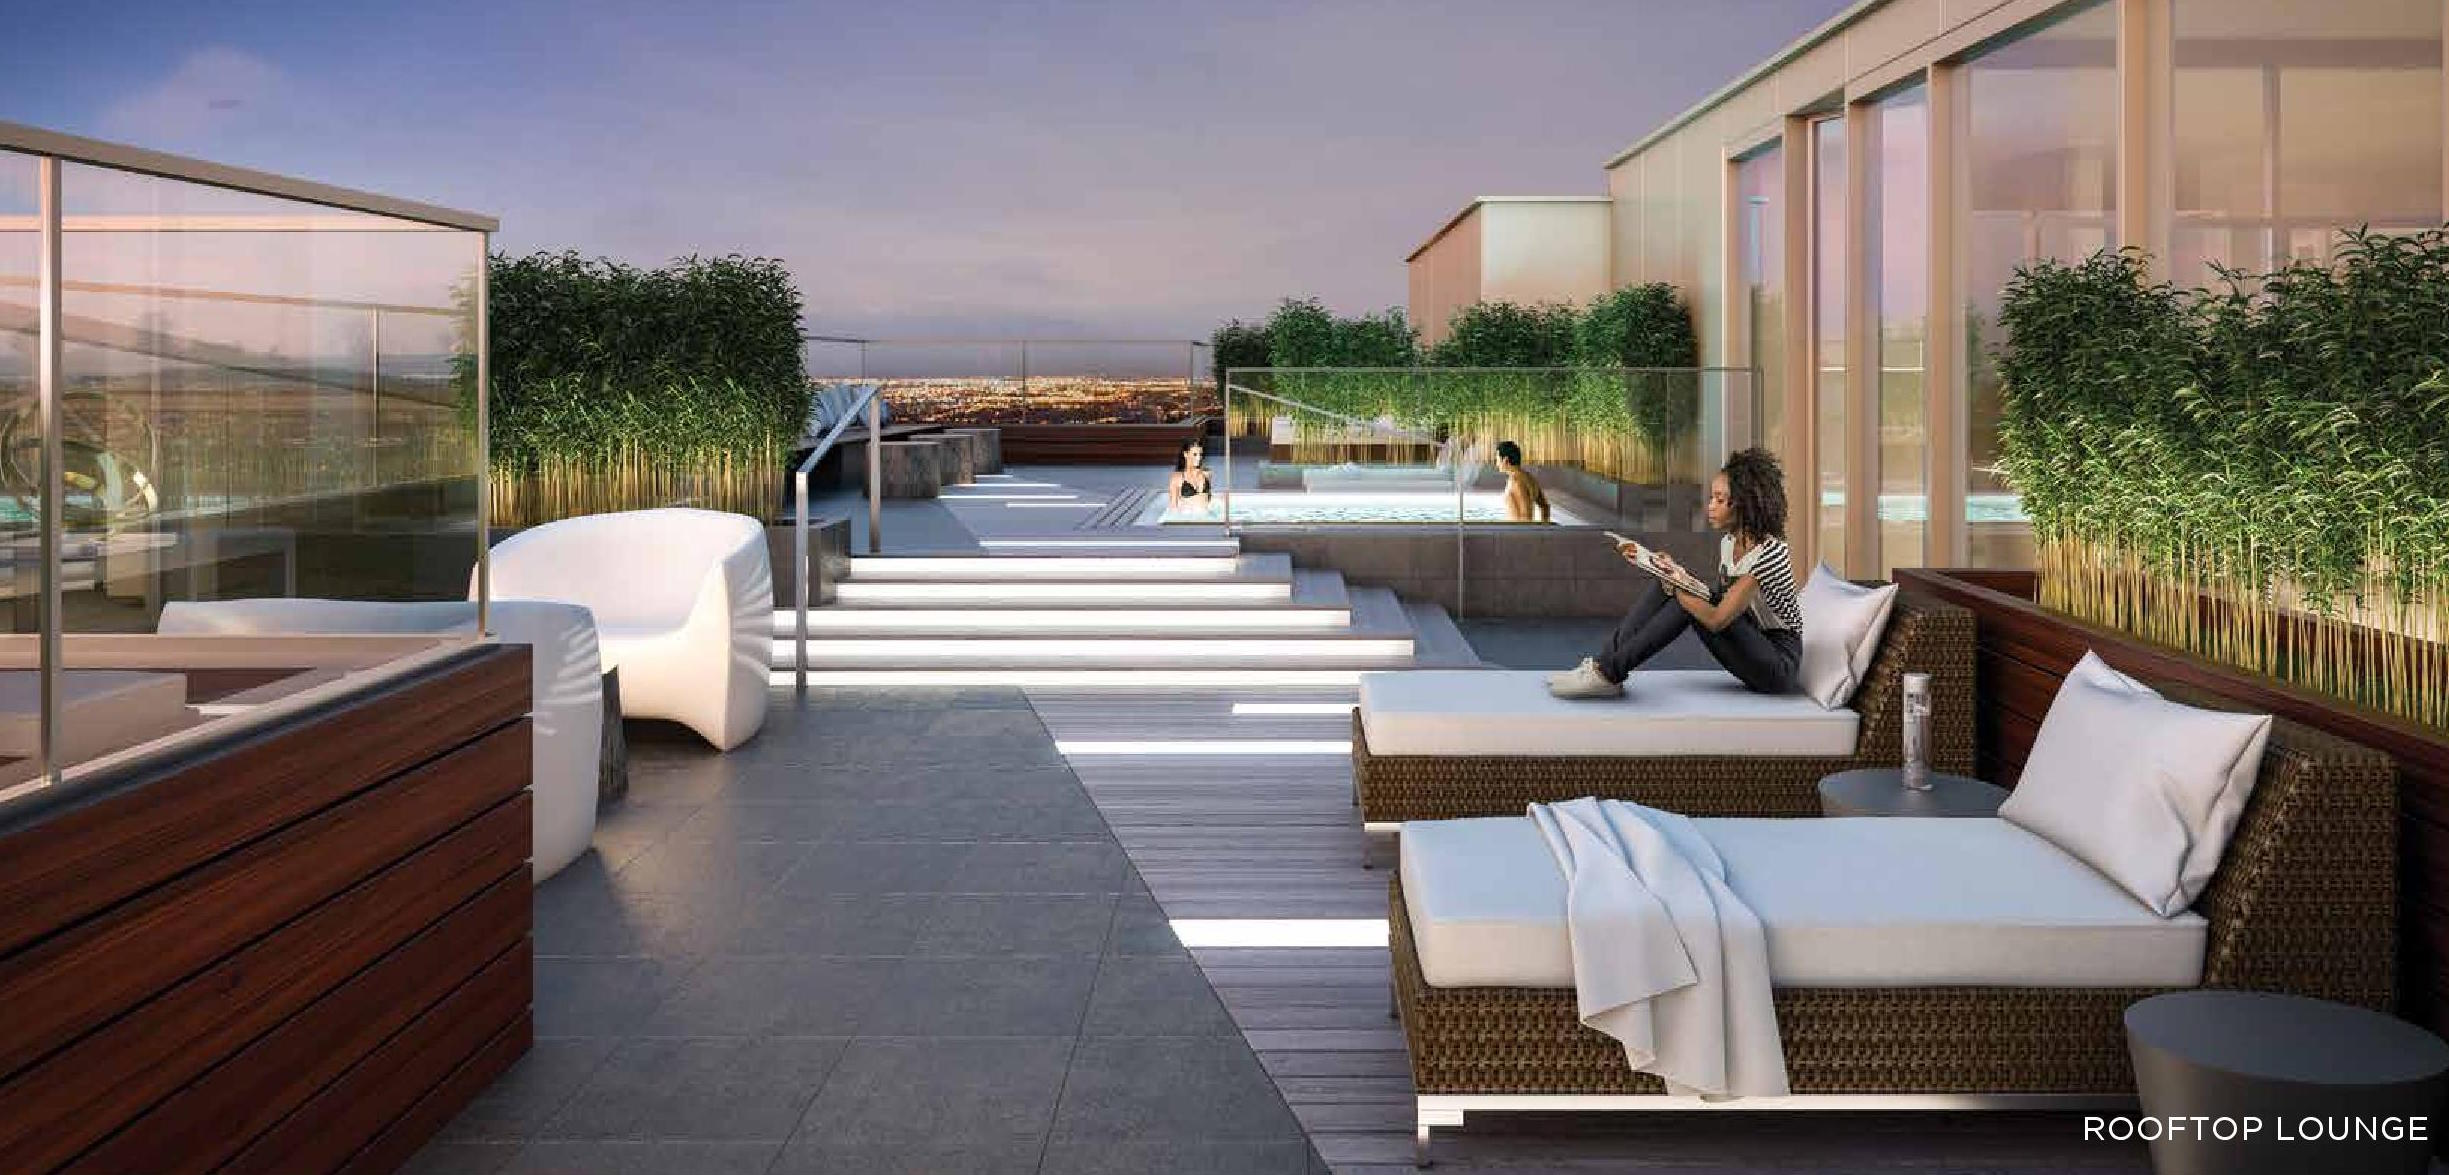 Tea Garden Condos Terrace Pool Toronto, Canada